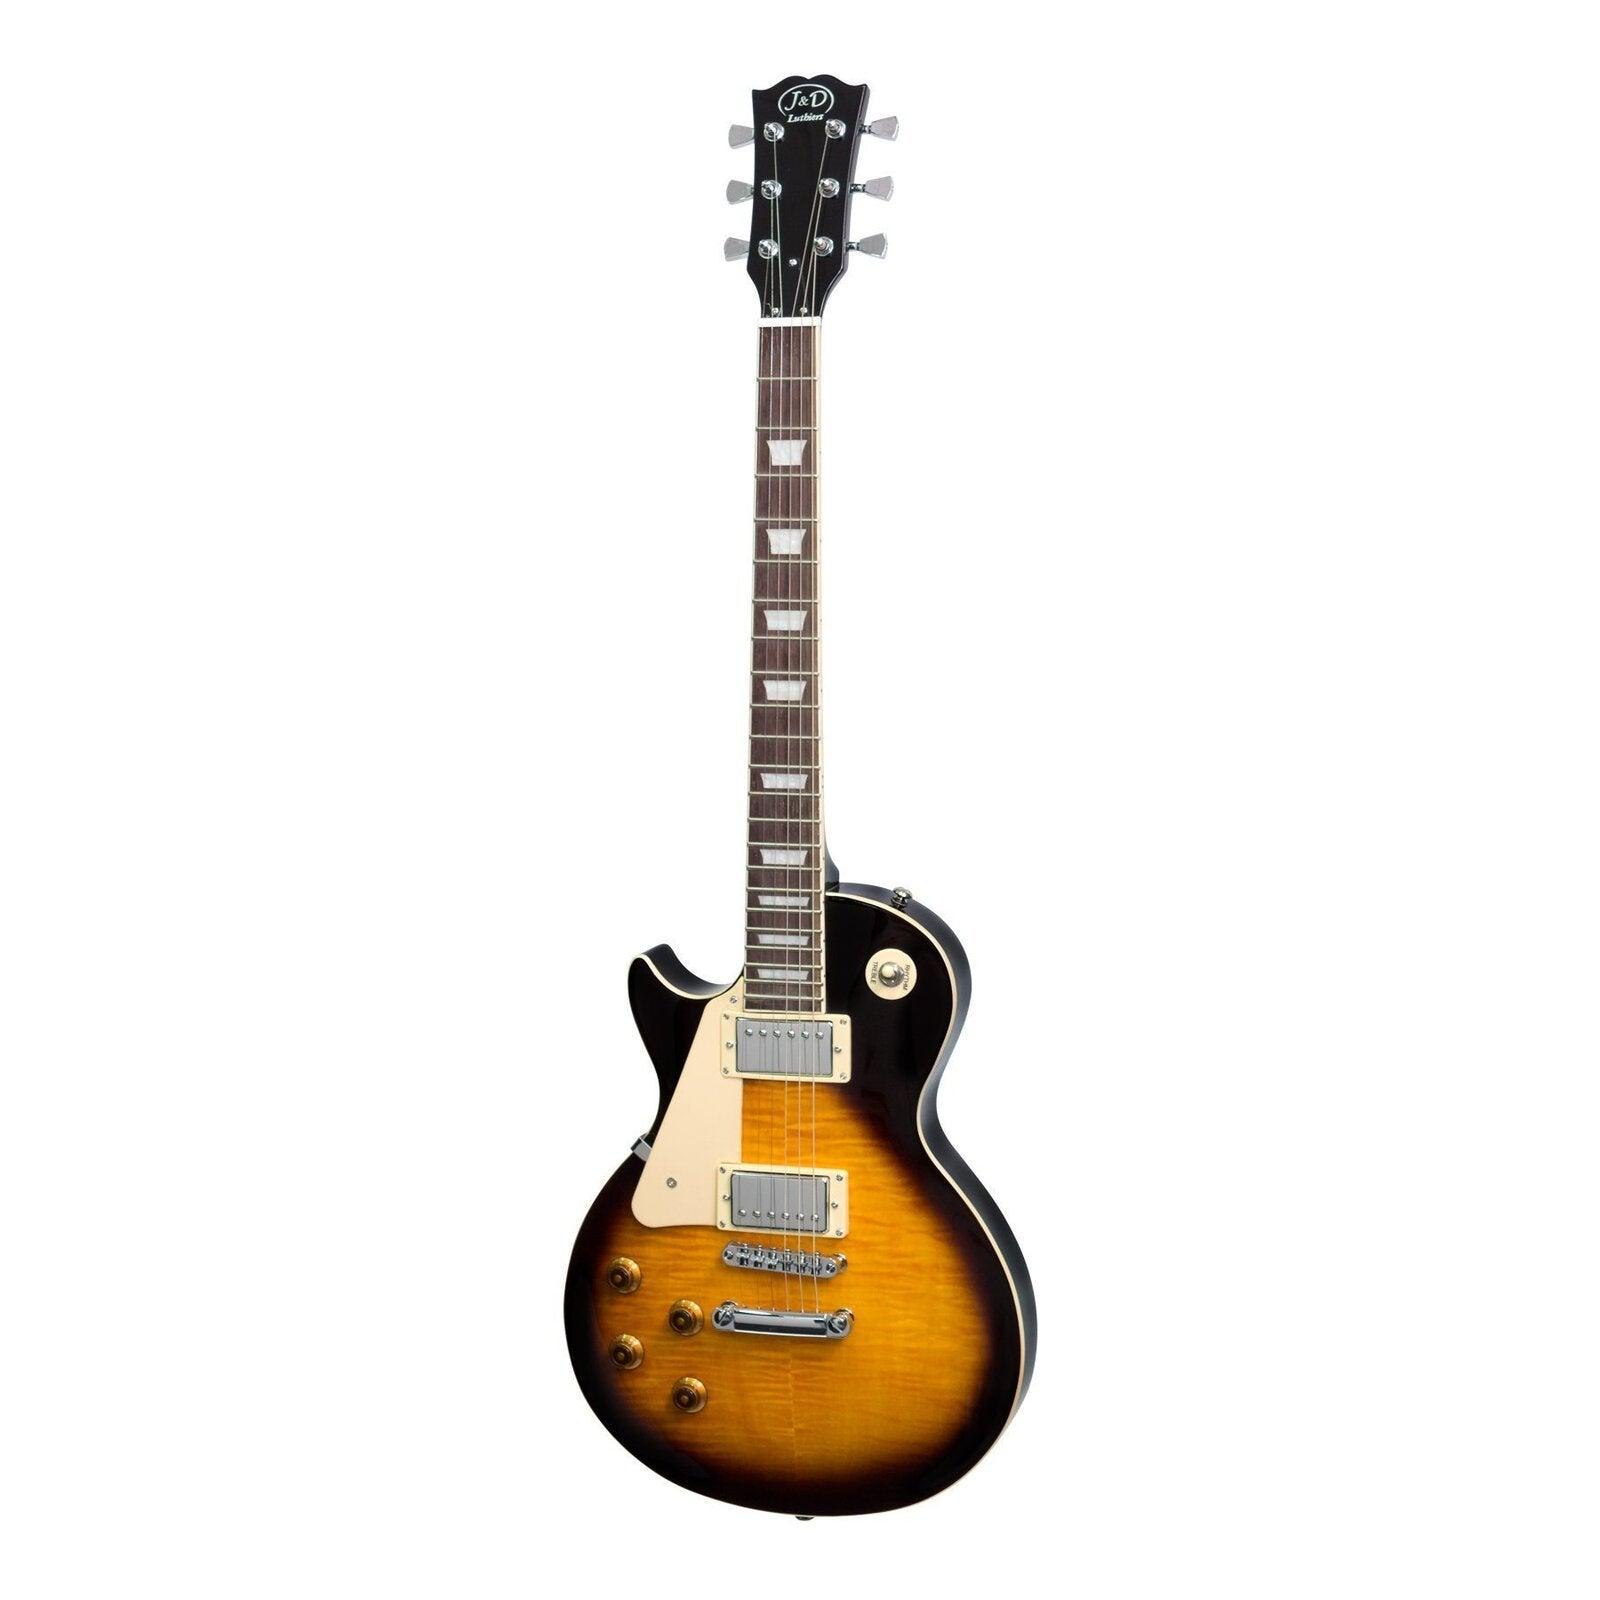 J&D Luthiers Left Handed LP Style Electric Guitar (Vintage Sunburst)